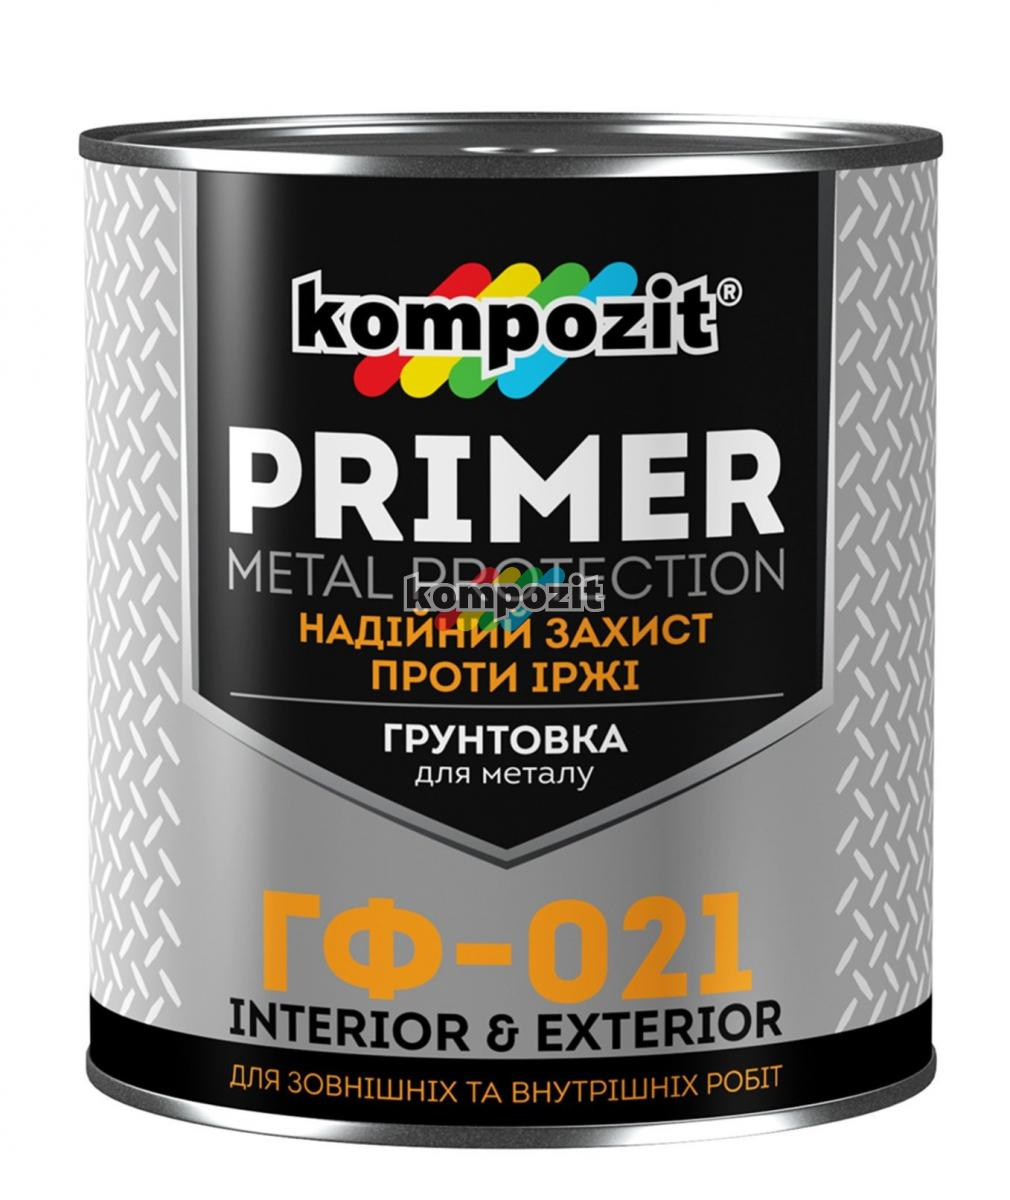 Антикоррозионная грунтовка Kompozit ГФ-021: характеристики и особенности состава